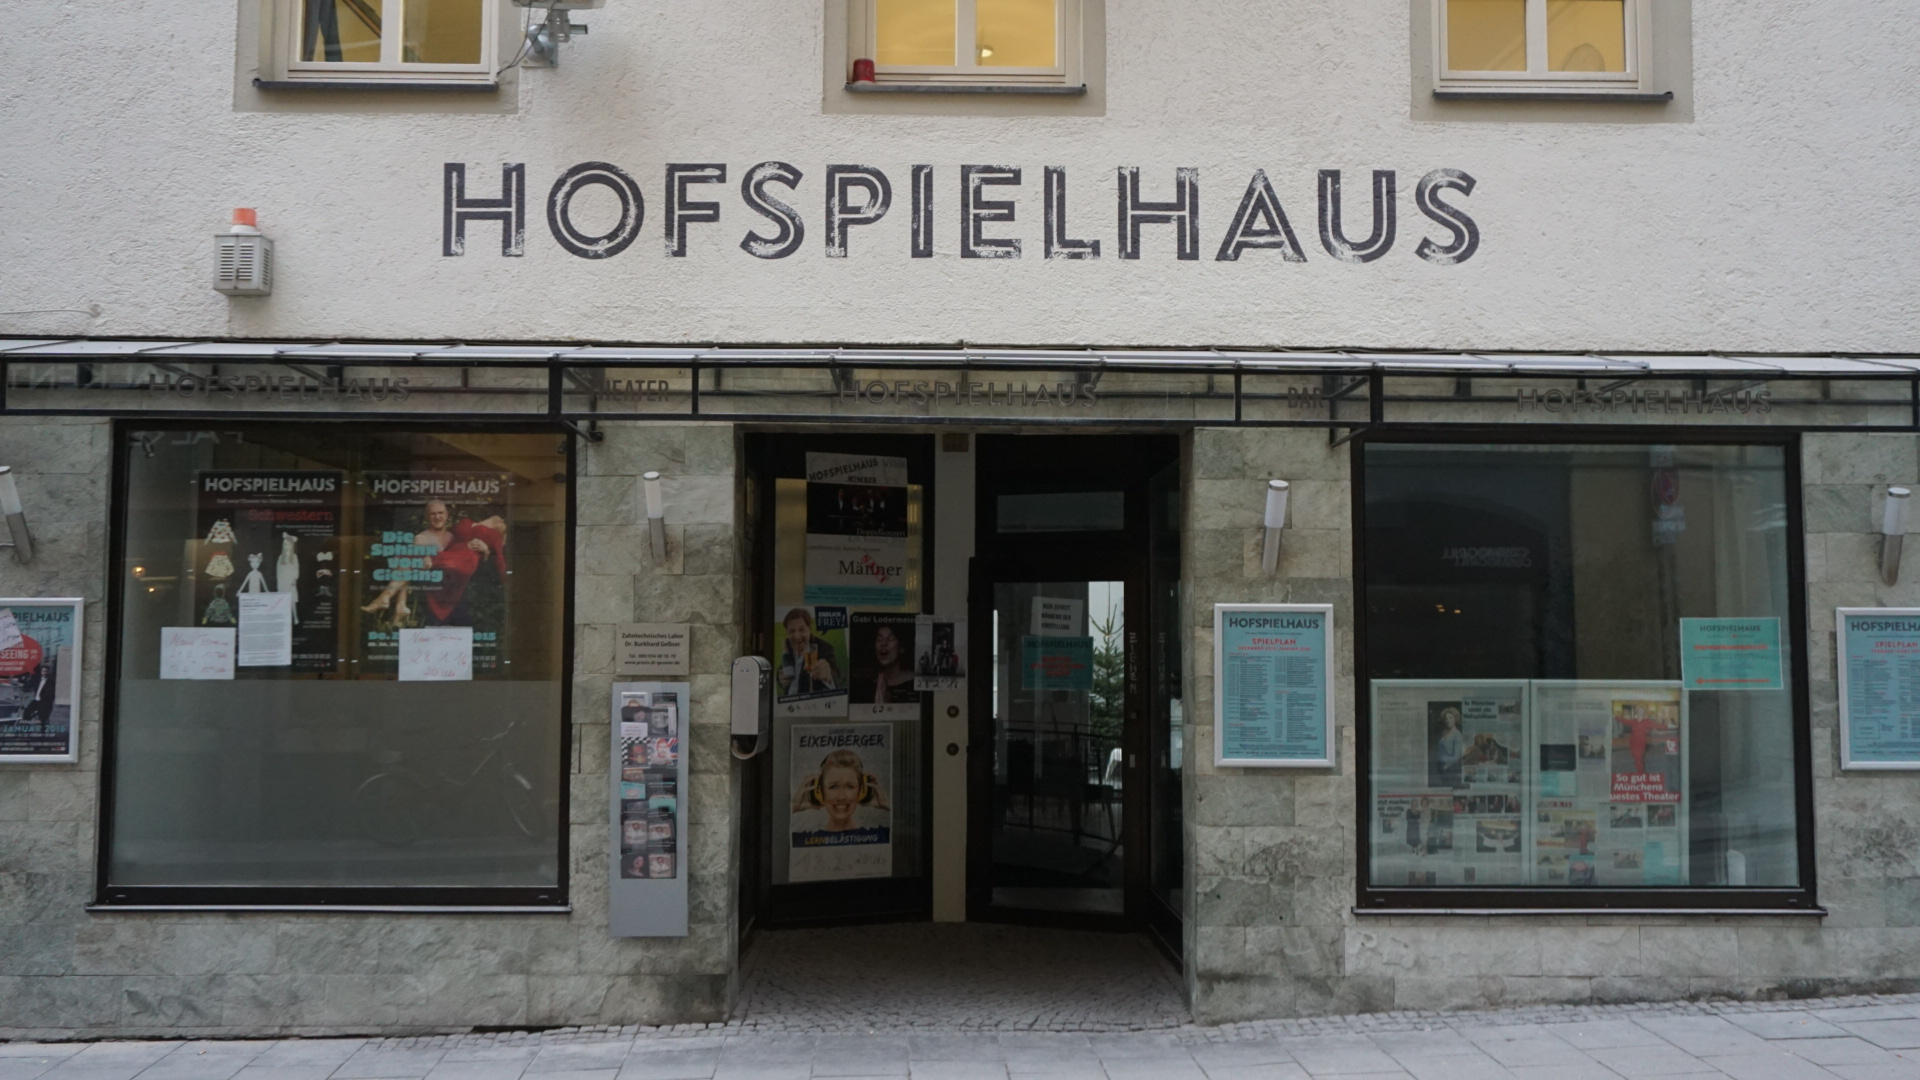 Hofspielhaus